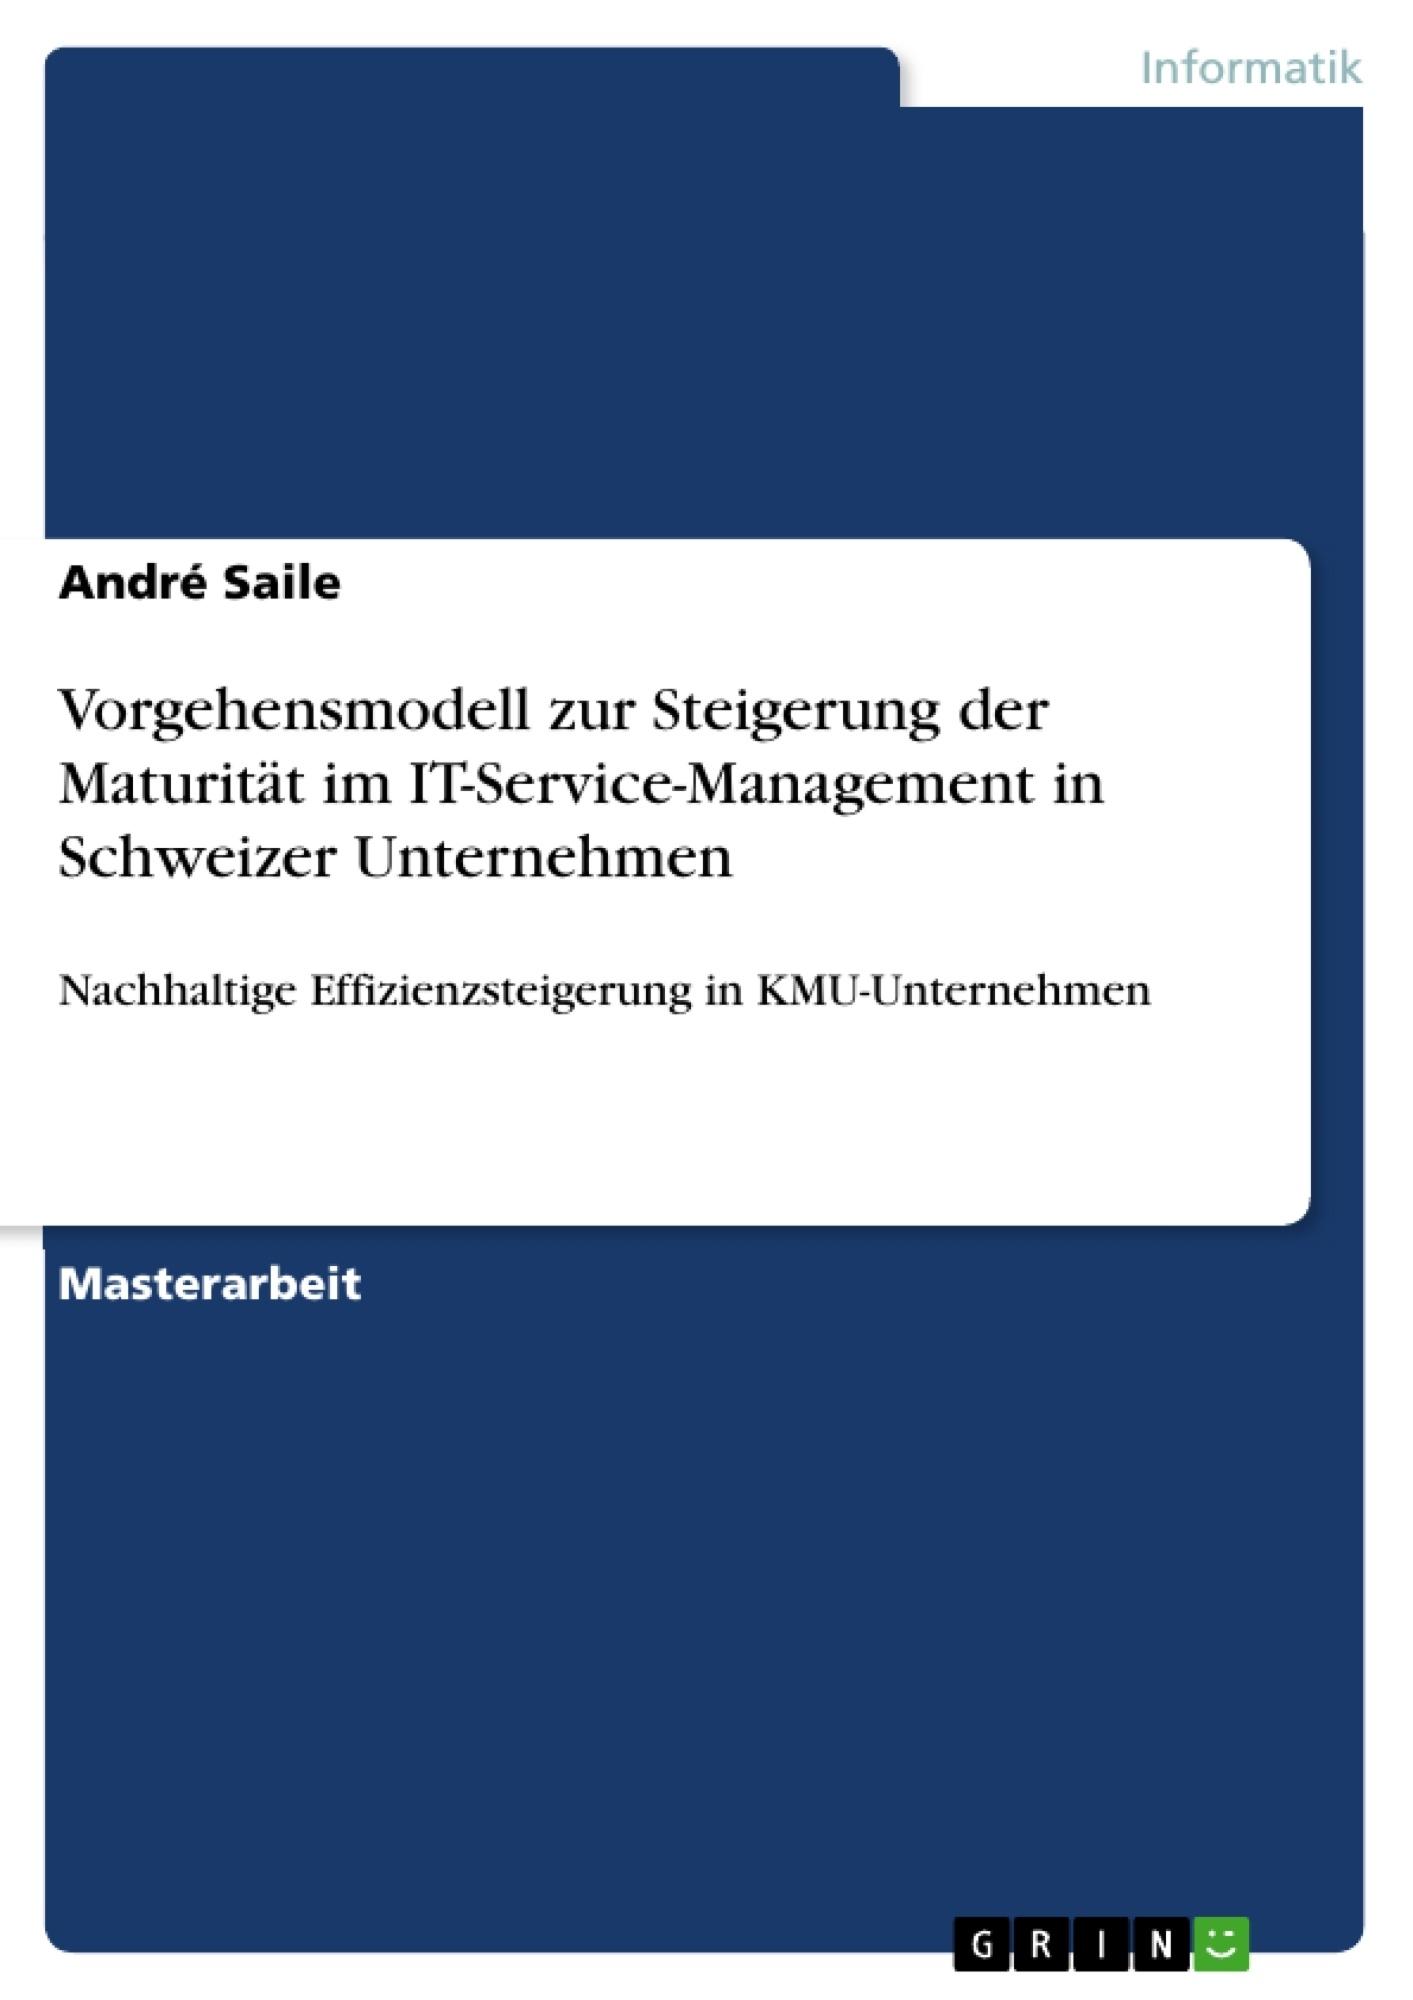 Titel: Vorgehensmodell zur Steigerung der Maturität im IT-Service-Management in Schweizer Unternehmen